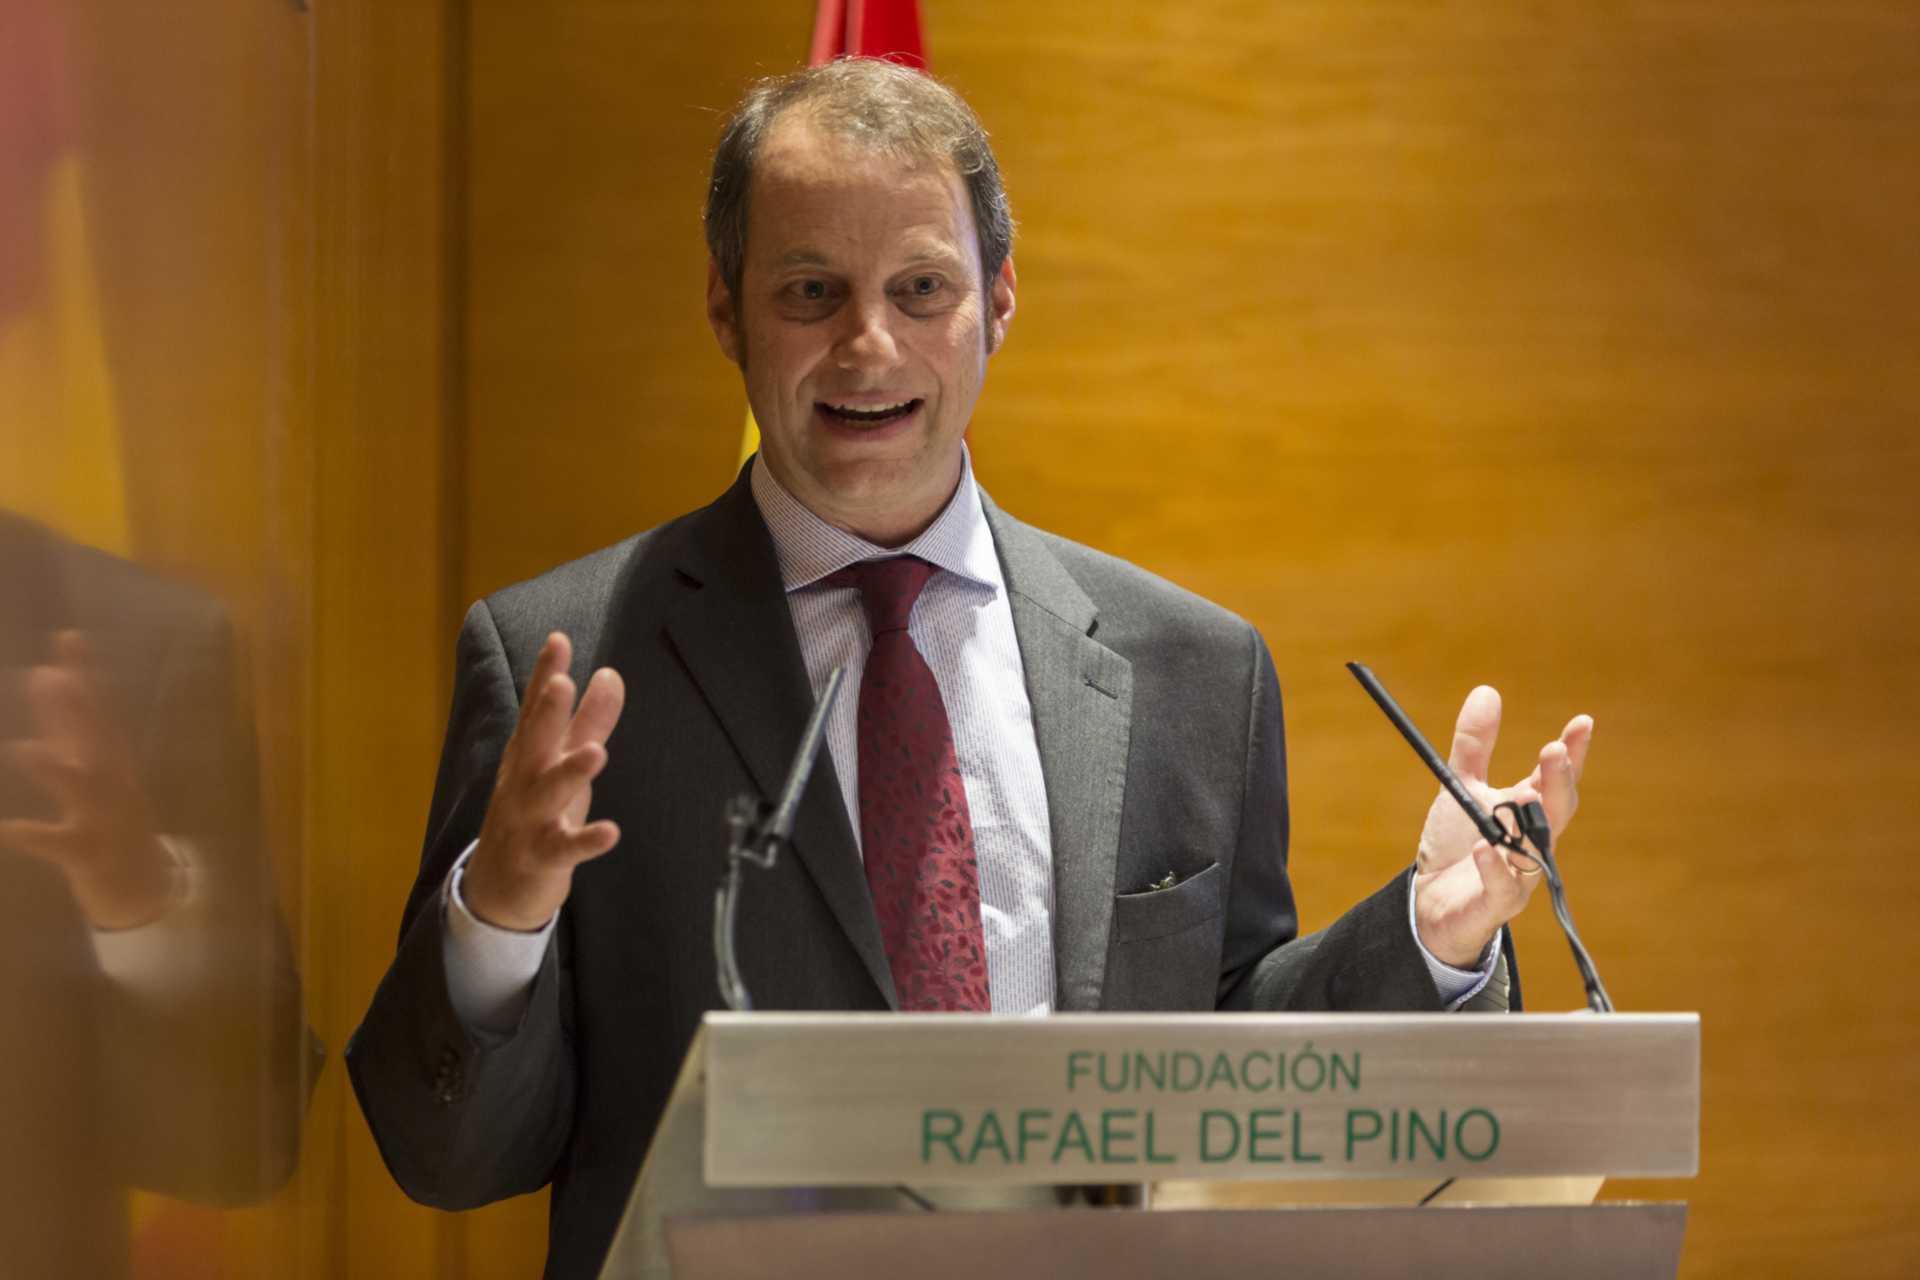 """La Fundación Rafael del Pino organiza la Conferencia """"El Desmoronamiento., treinta años d declive americano"""", con George Packer. En Madrid el 11 de junio de 2015. DS"""